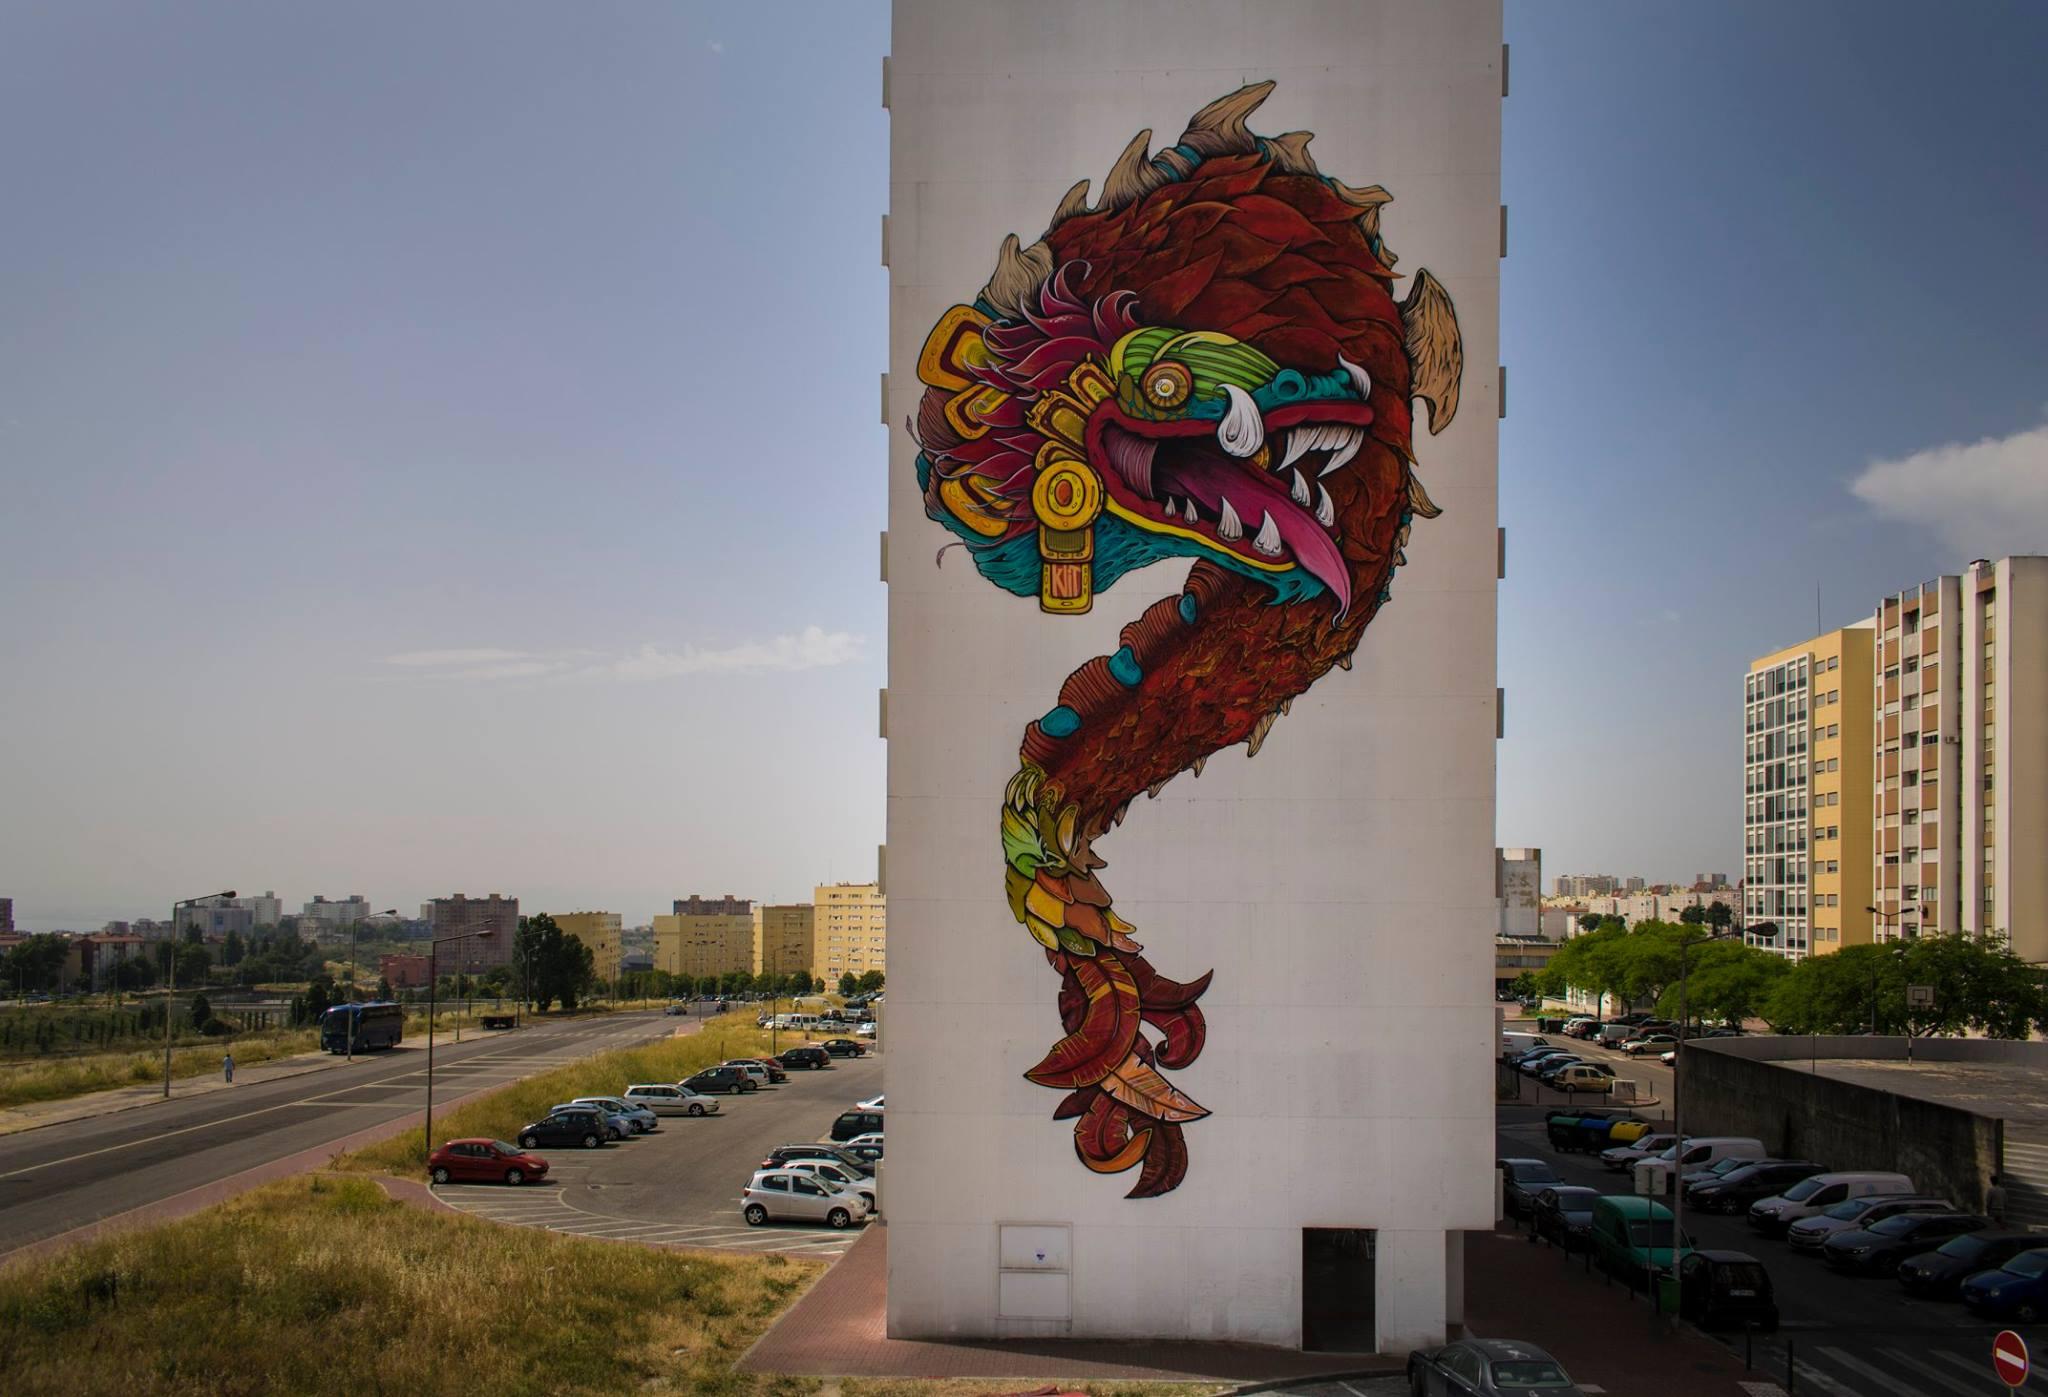 muro festival arte urbana marvila lisboa 2017 (2)